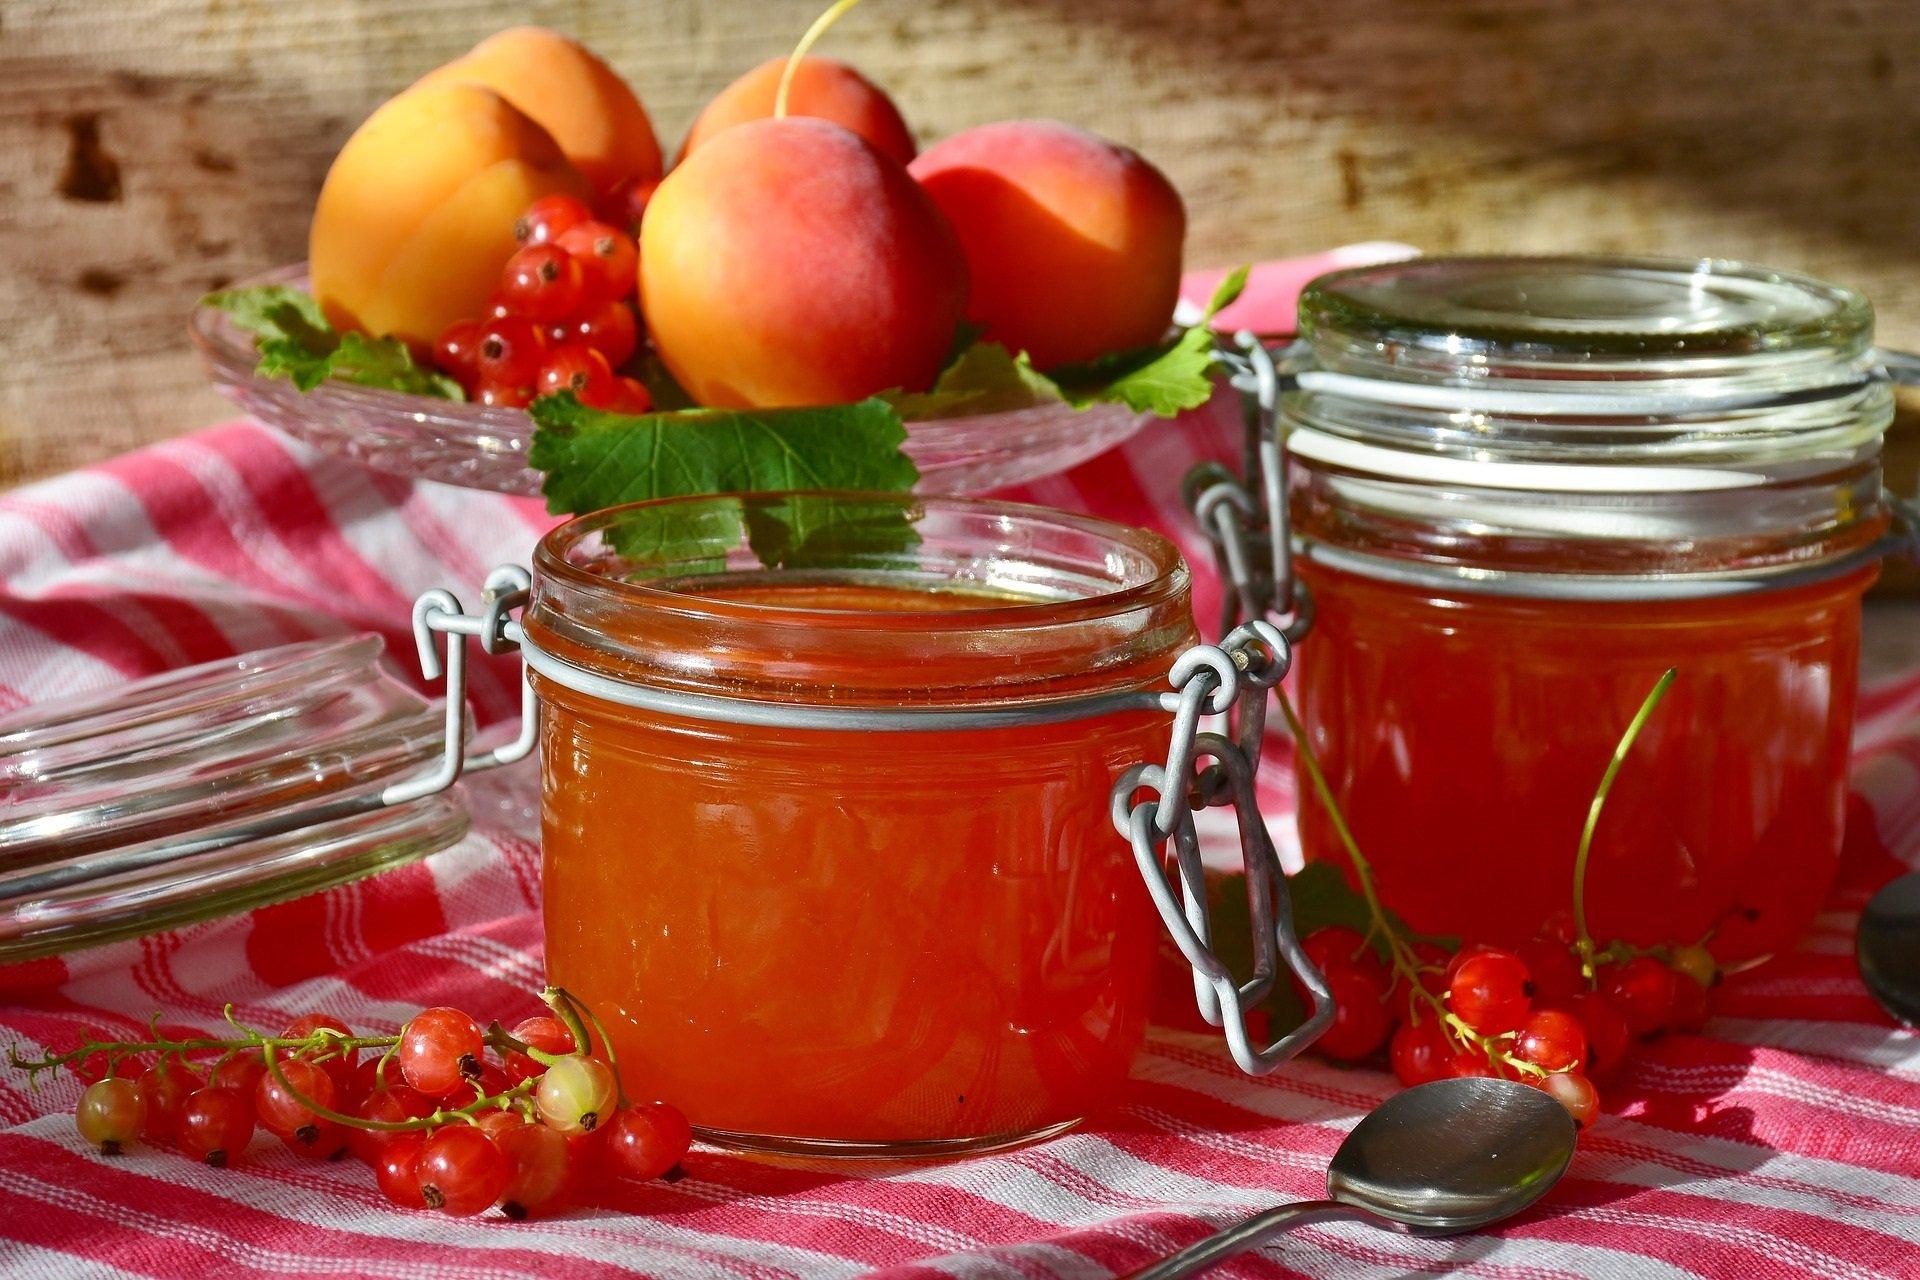 Kochen Sie gerne Marmelade? - © Pixabay